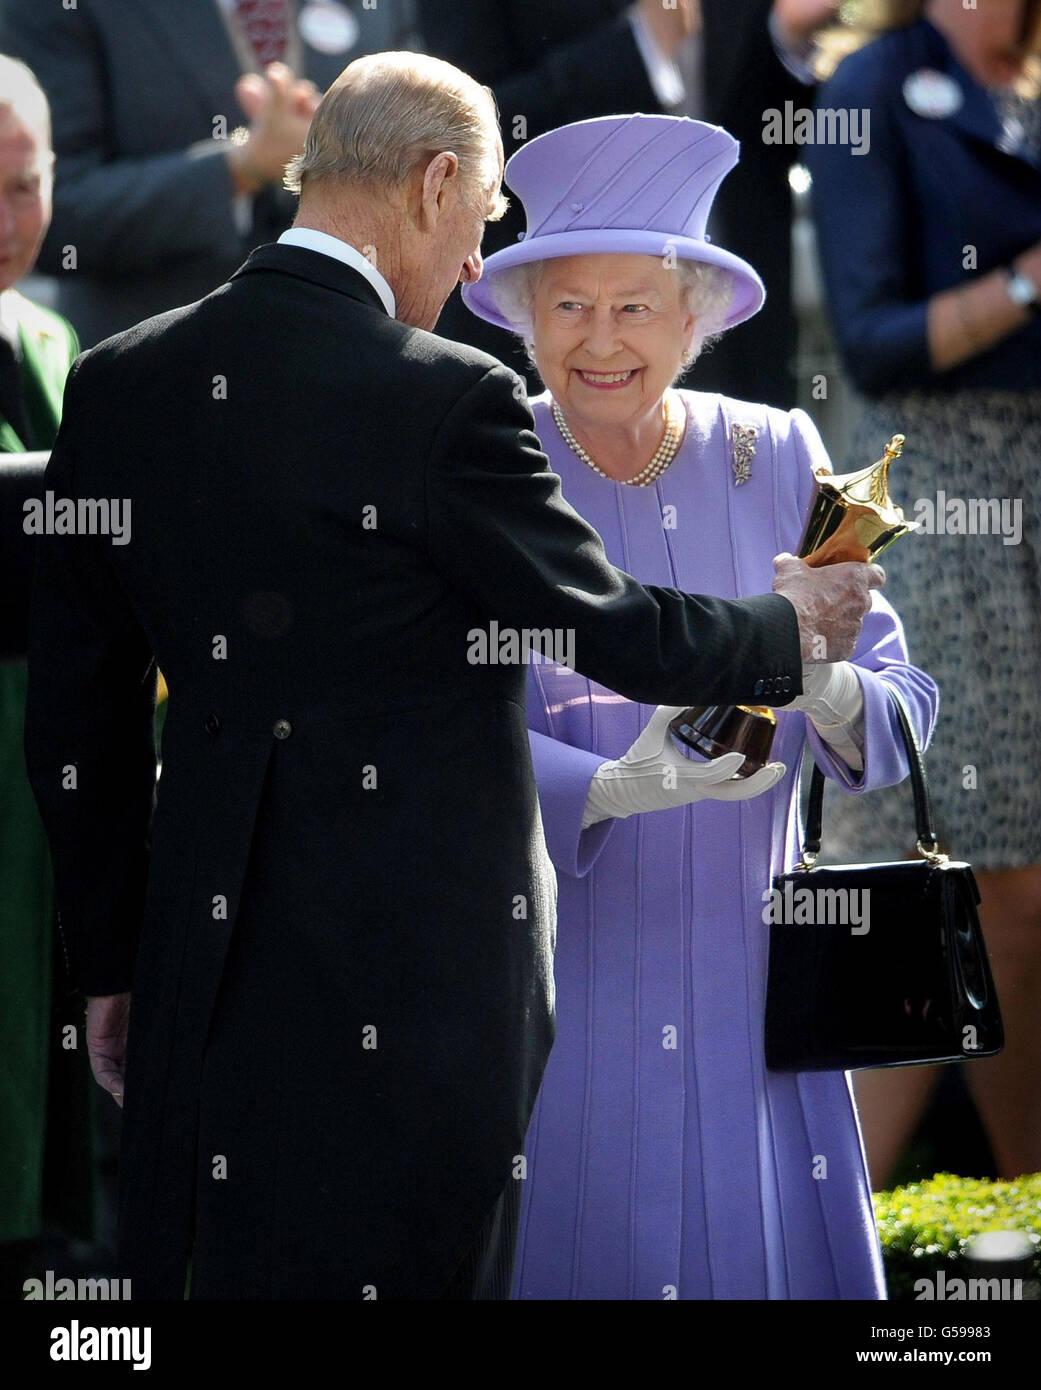 La regina Elisabetta II riceve il trofeo dal duca di Edimburgo dopo che la sua stima del cavallo ha vinto il vaso della regina durante il quarto giorno della riunione reale di Ascot 2012 all'ippodromo di Ascot, Berkshire. Foto Stock